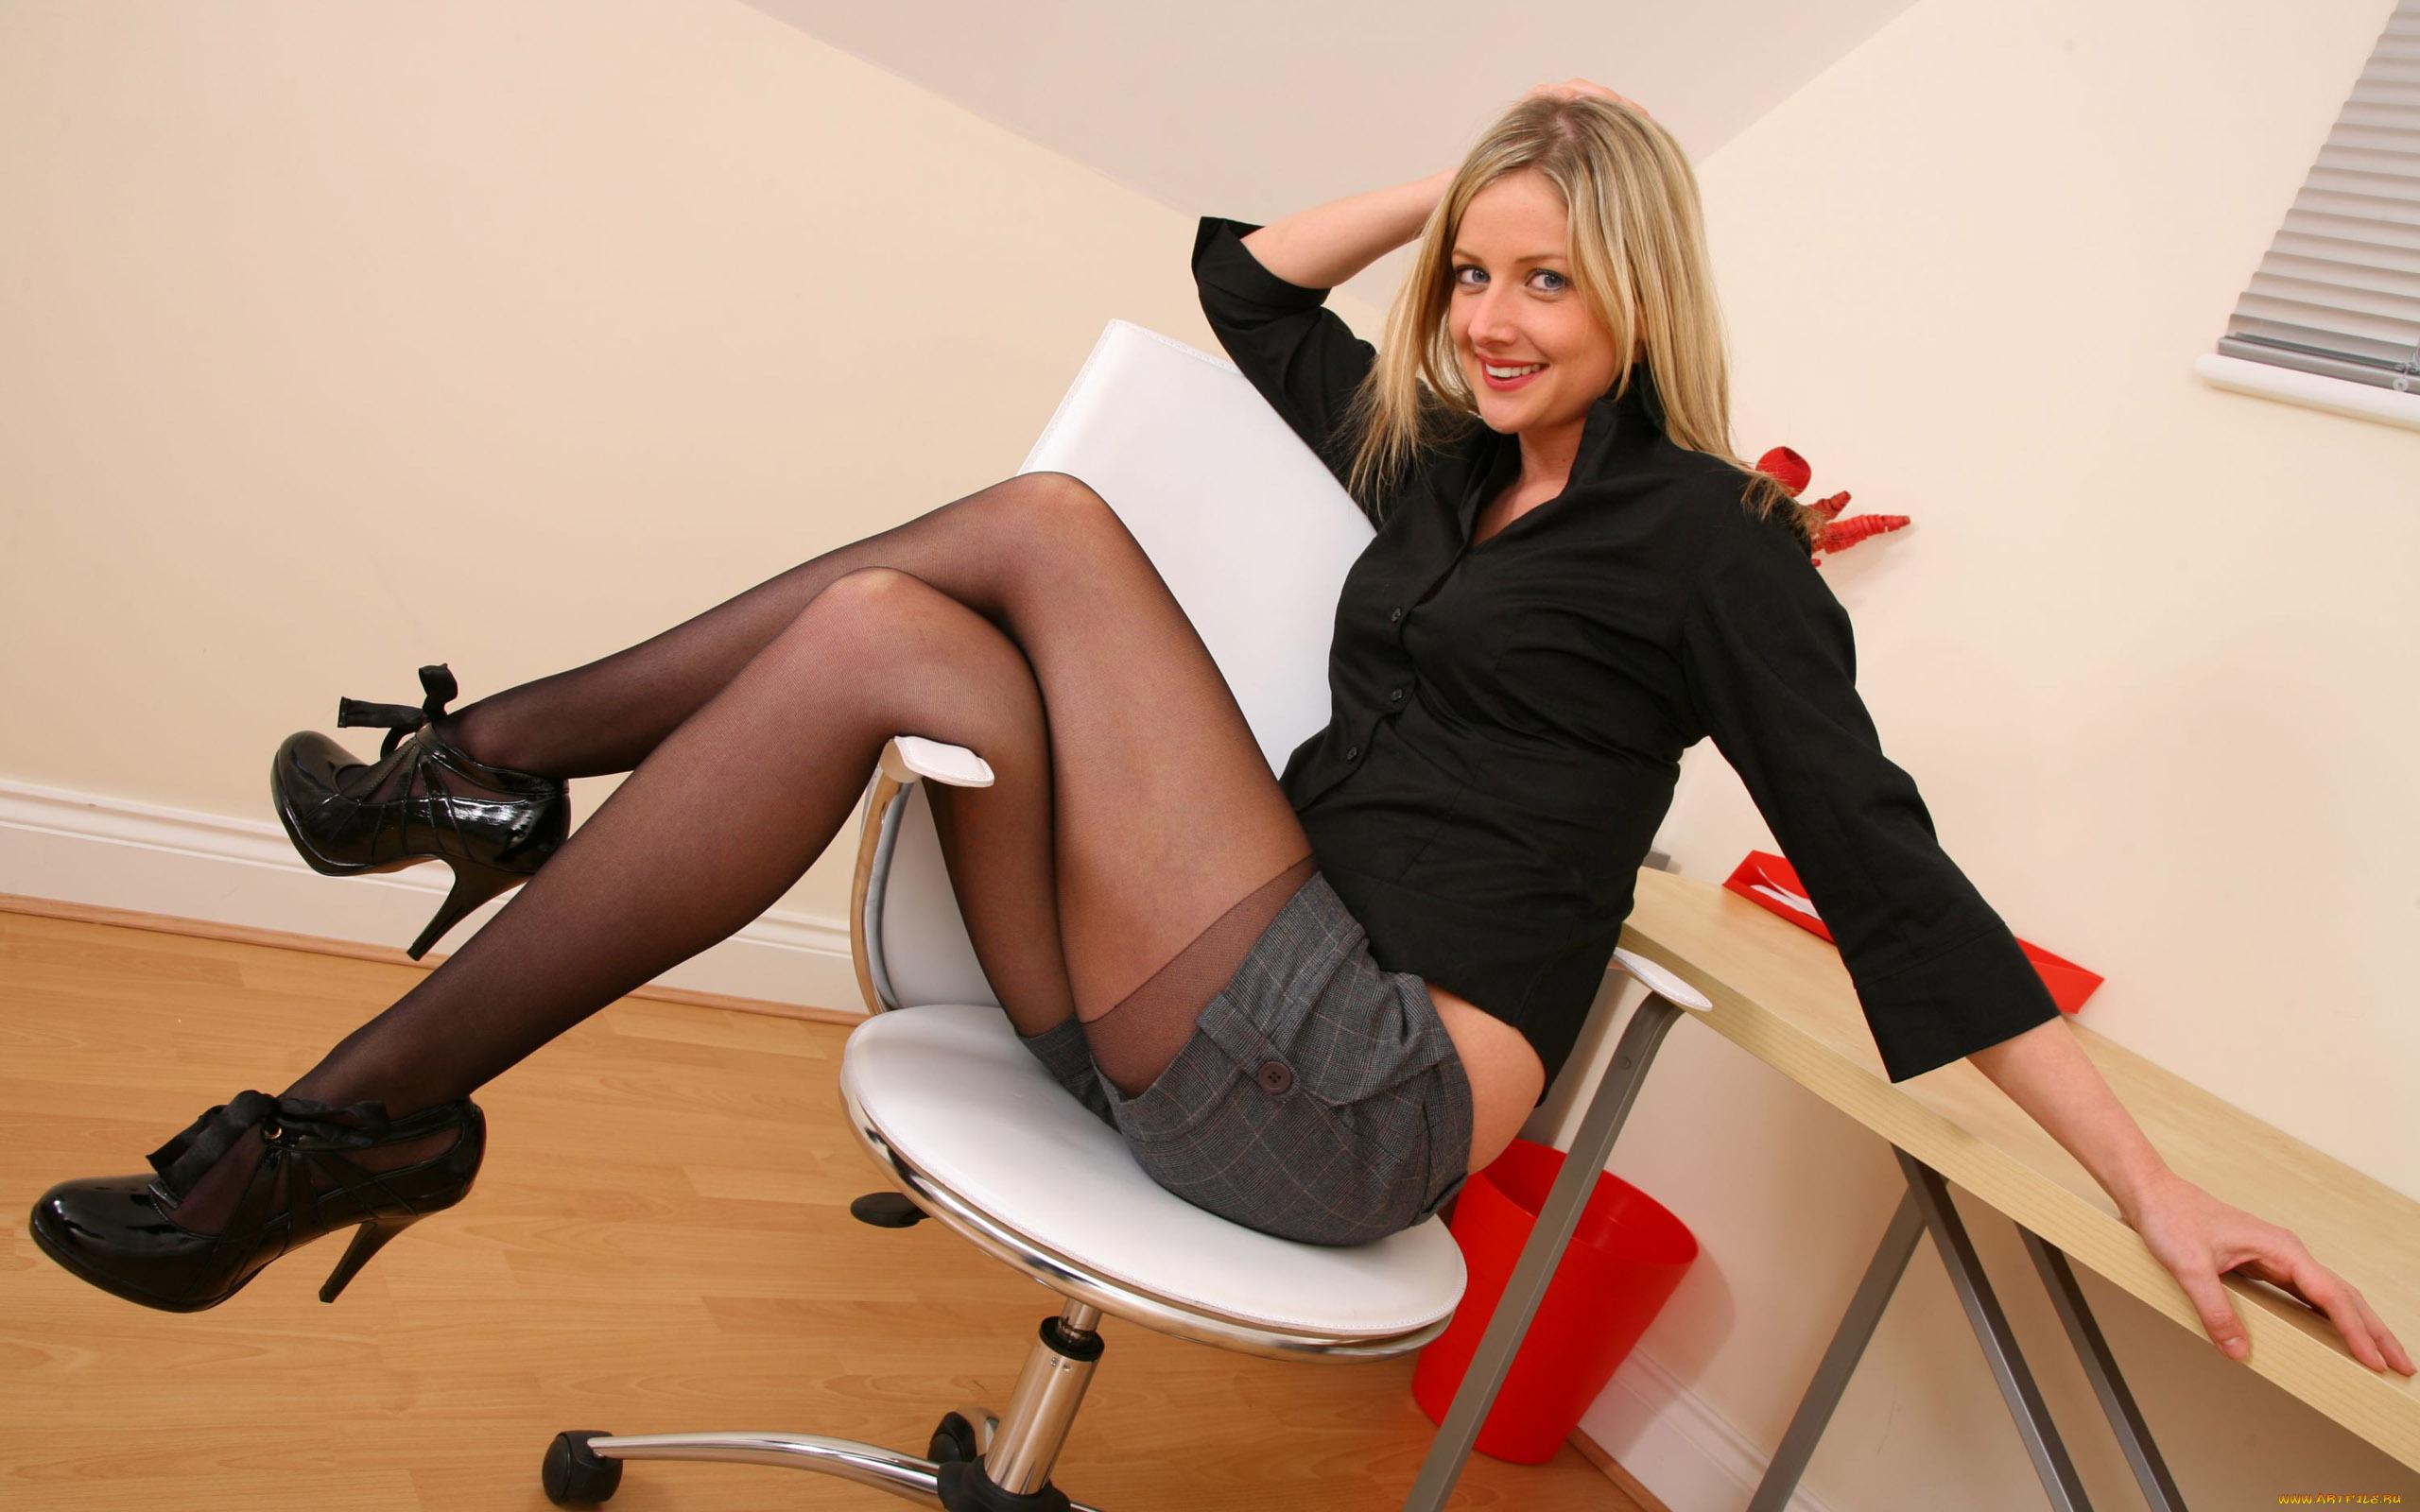 Секретаршу на троих, Поделили секретаршу на троих 7 фотография